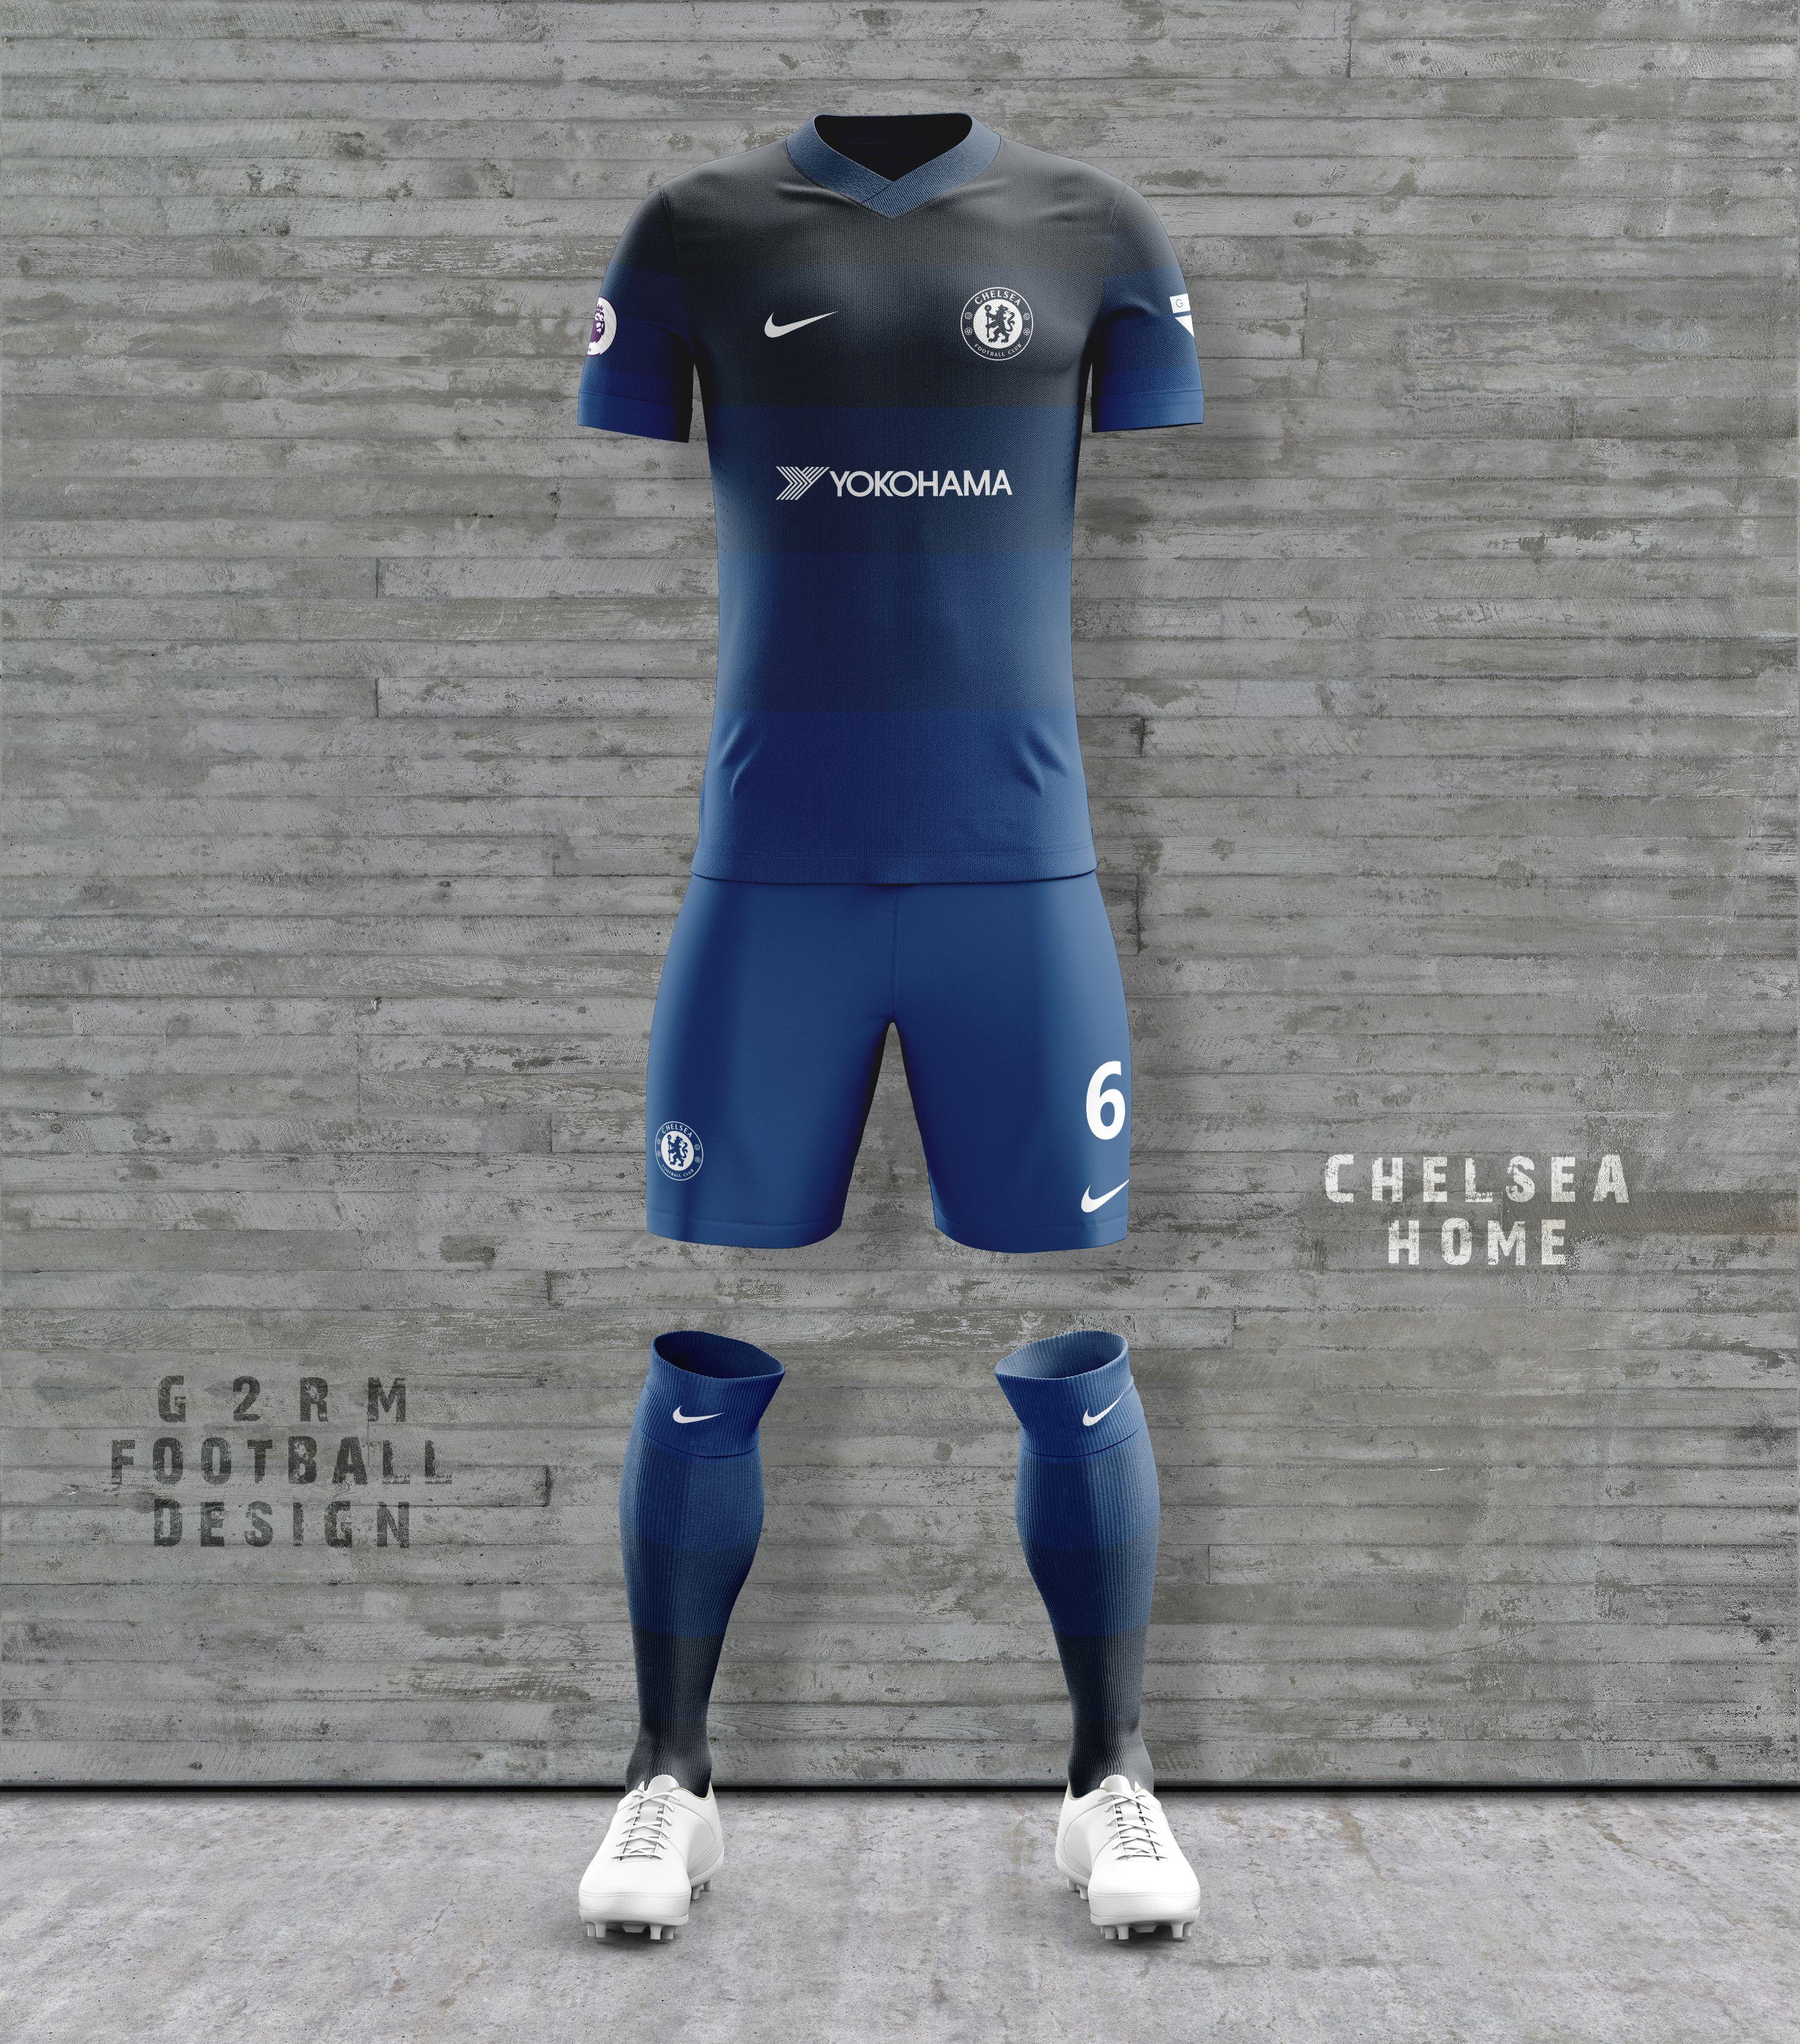 Chelsea Concept Kit designed by G2RM Uniformes De Futbol fbd0810d48f